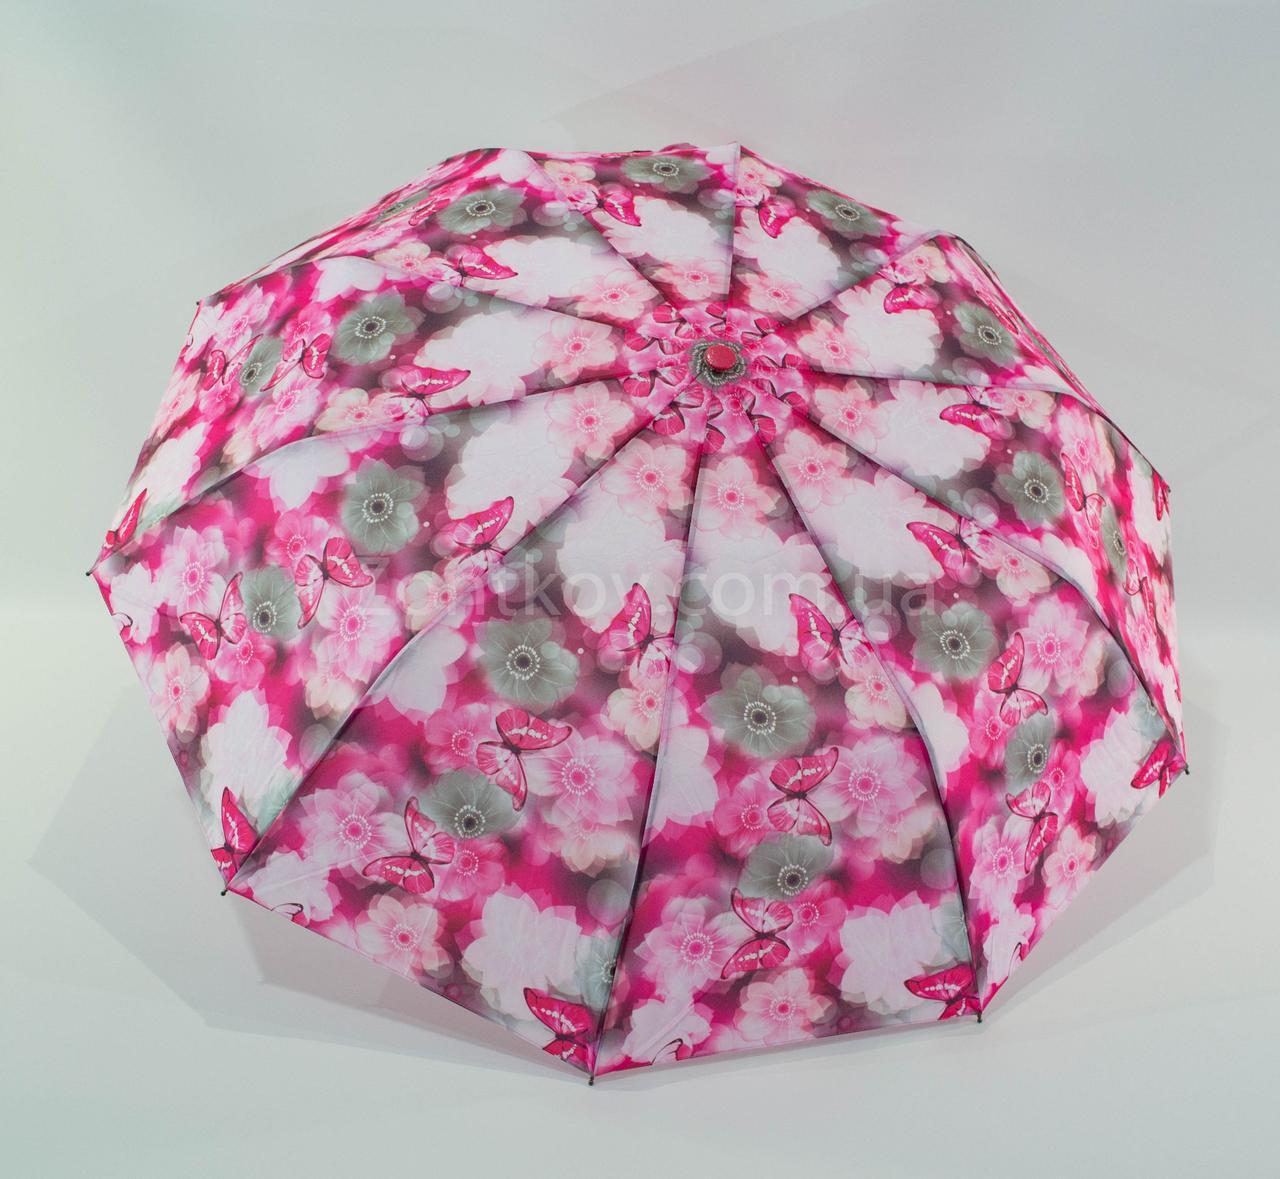 Женский складной зонт полуавтомат SL на 10 спиц с бабочками